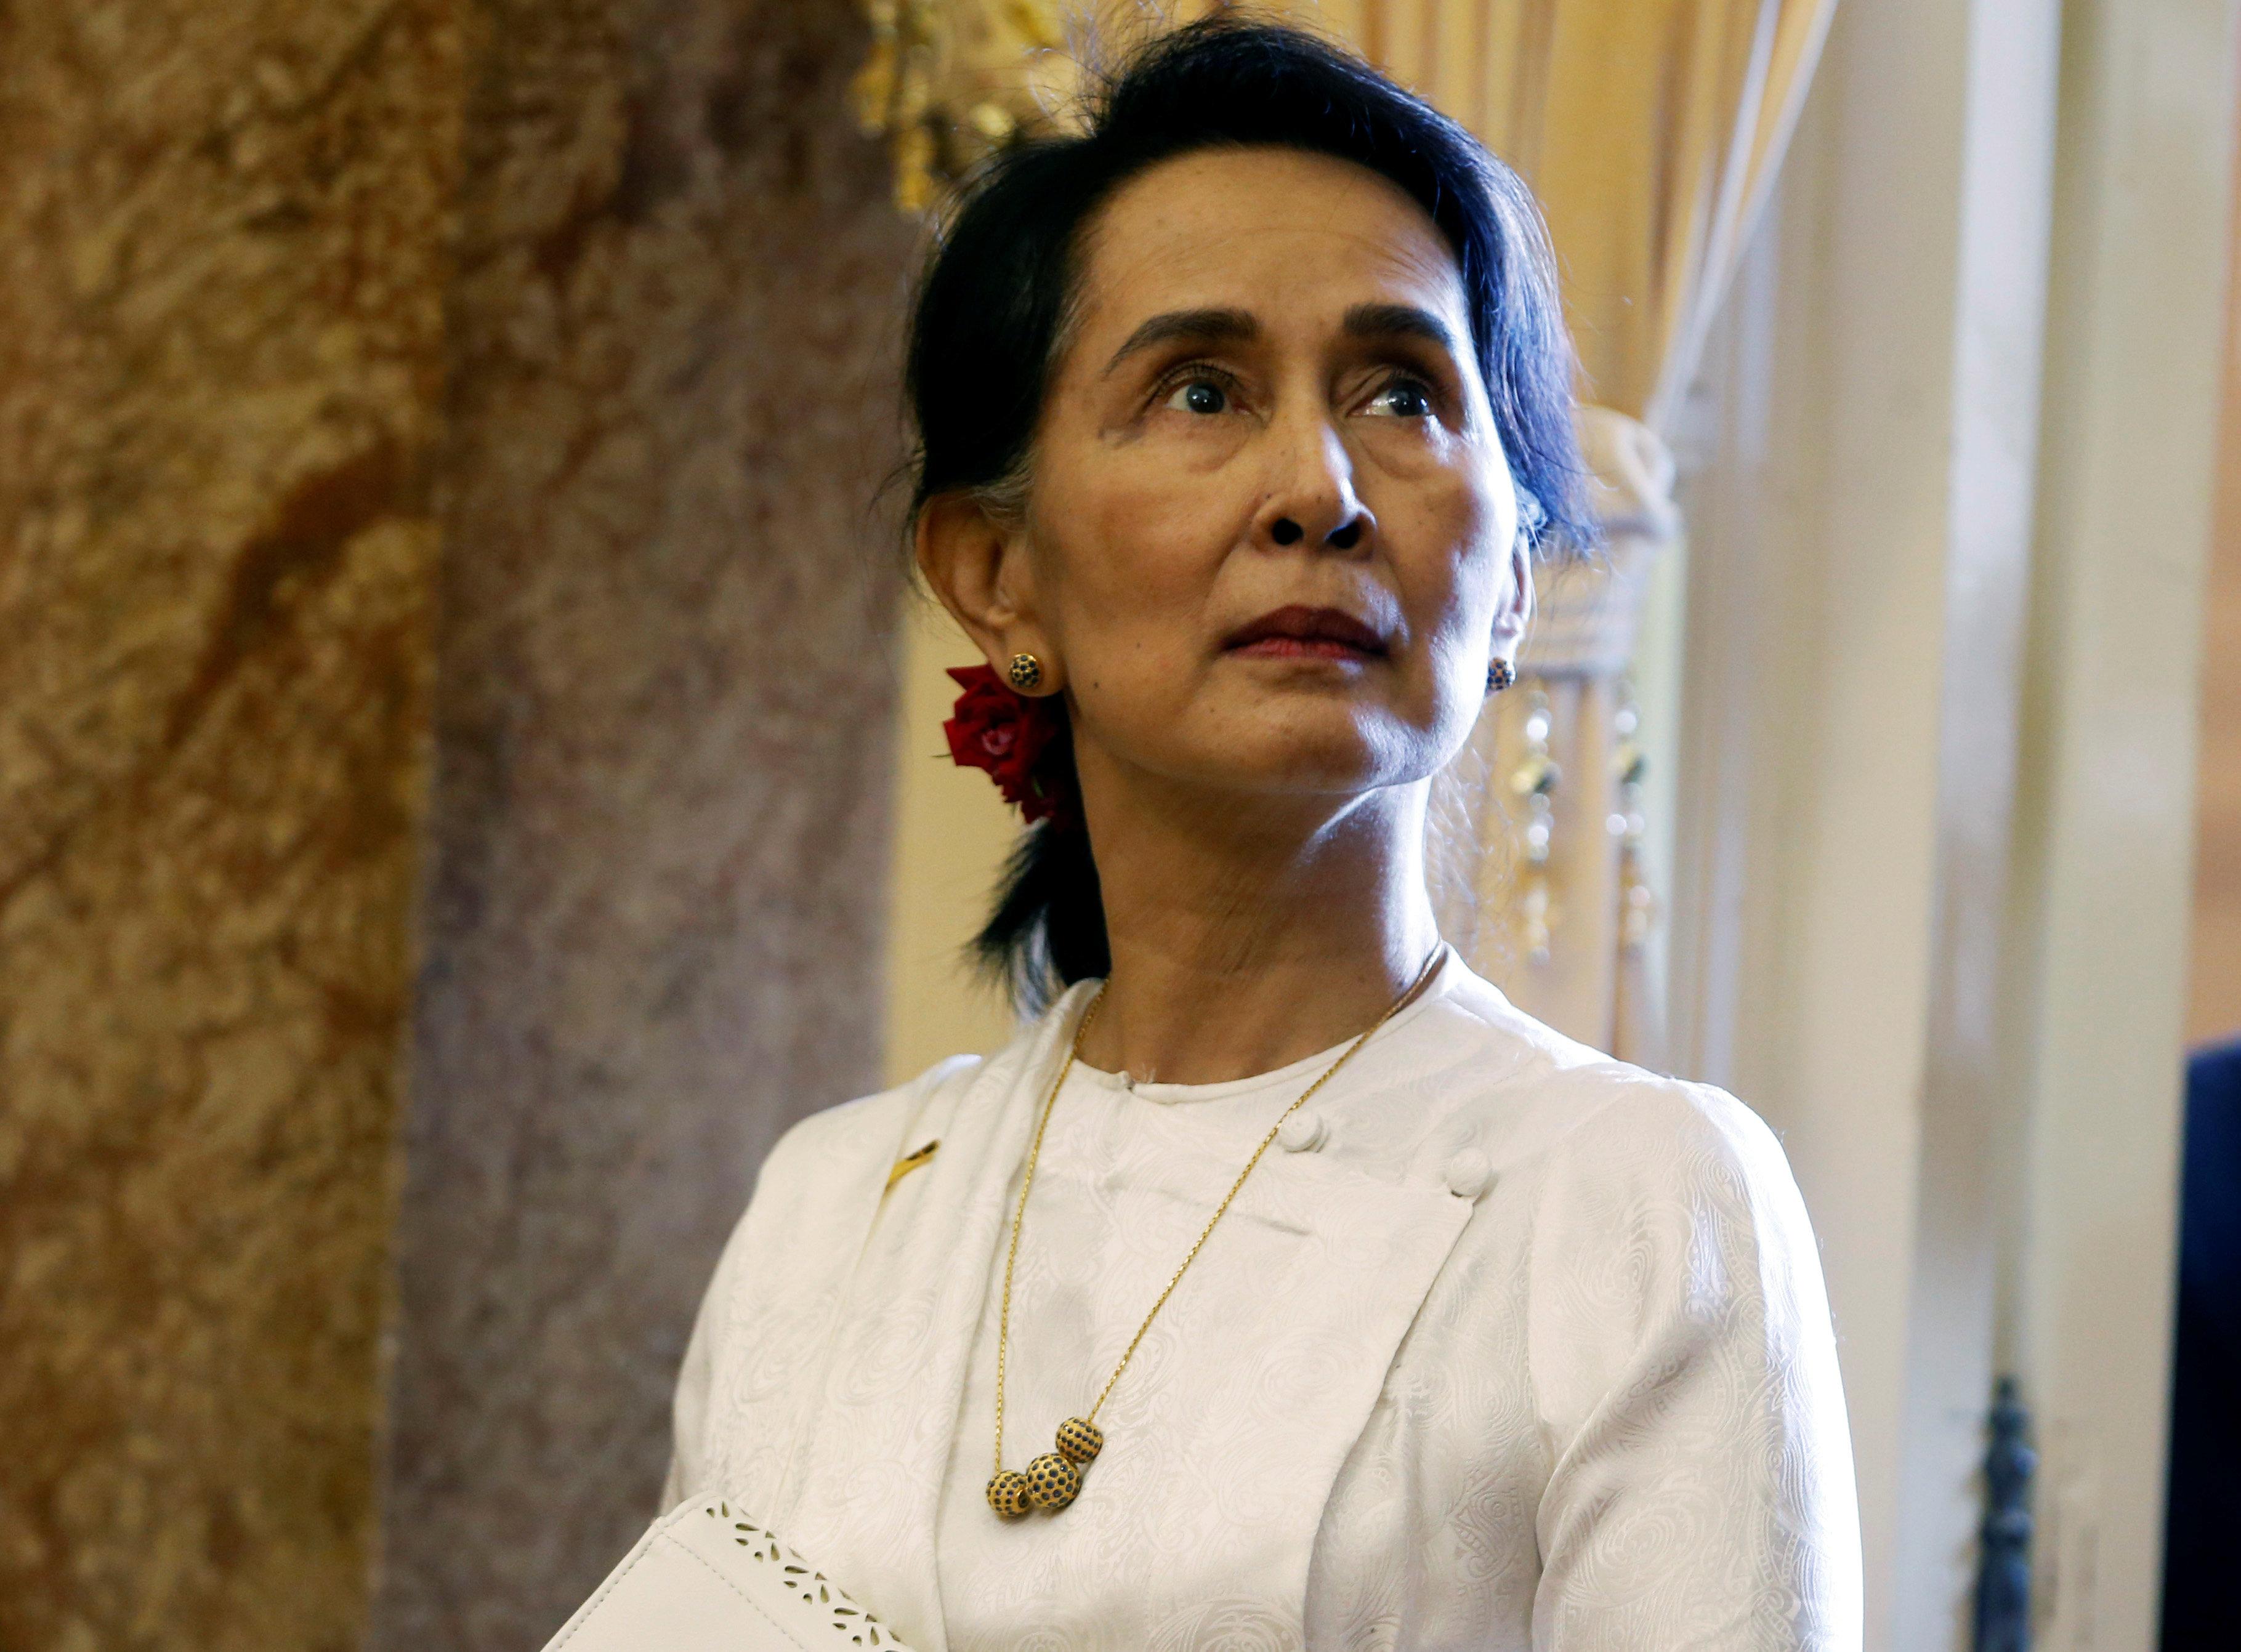 캐나다가 아웅산 수치의 명예시민권을 박탈했다